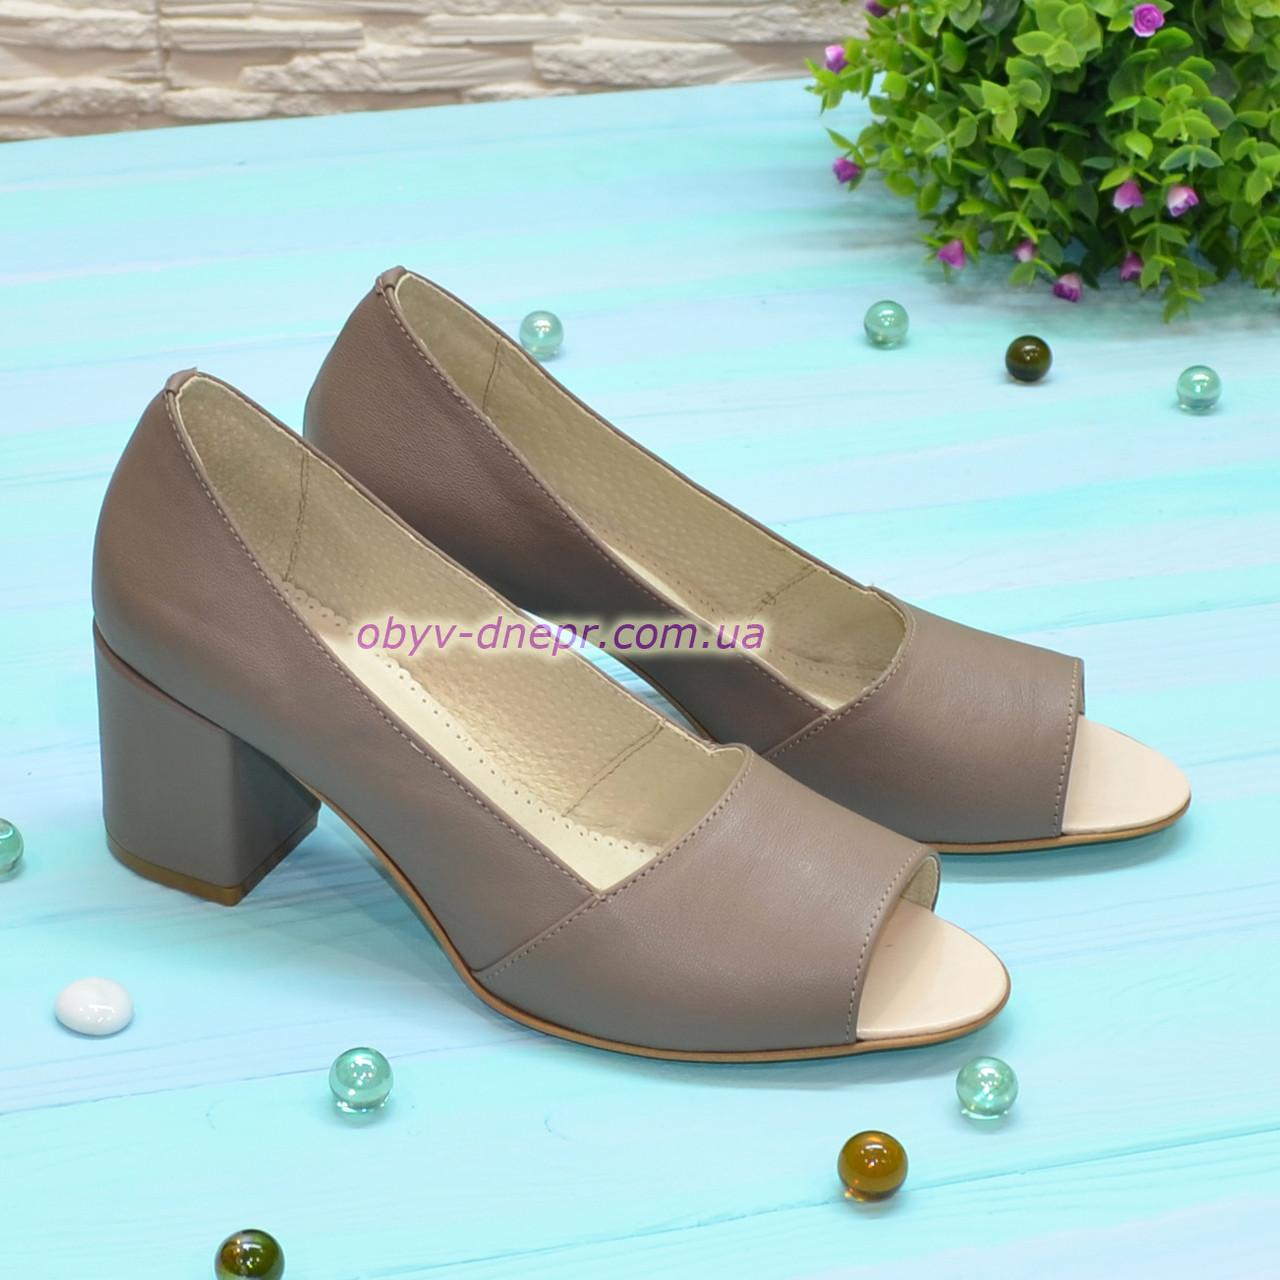 Туфли кожаные с открытым носком, на невысоком устойчивом каблуке, цвет визон